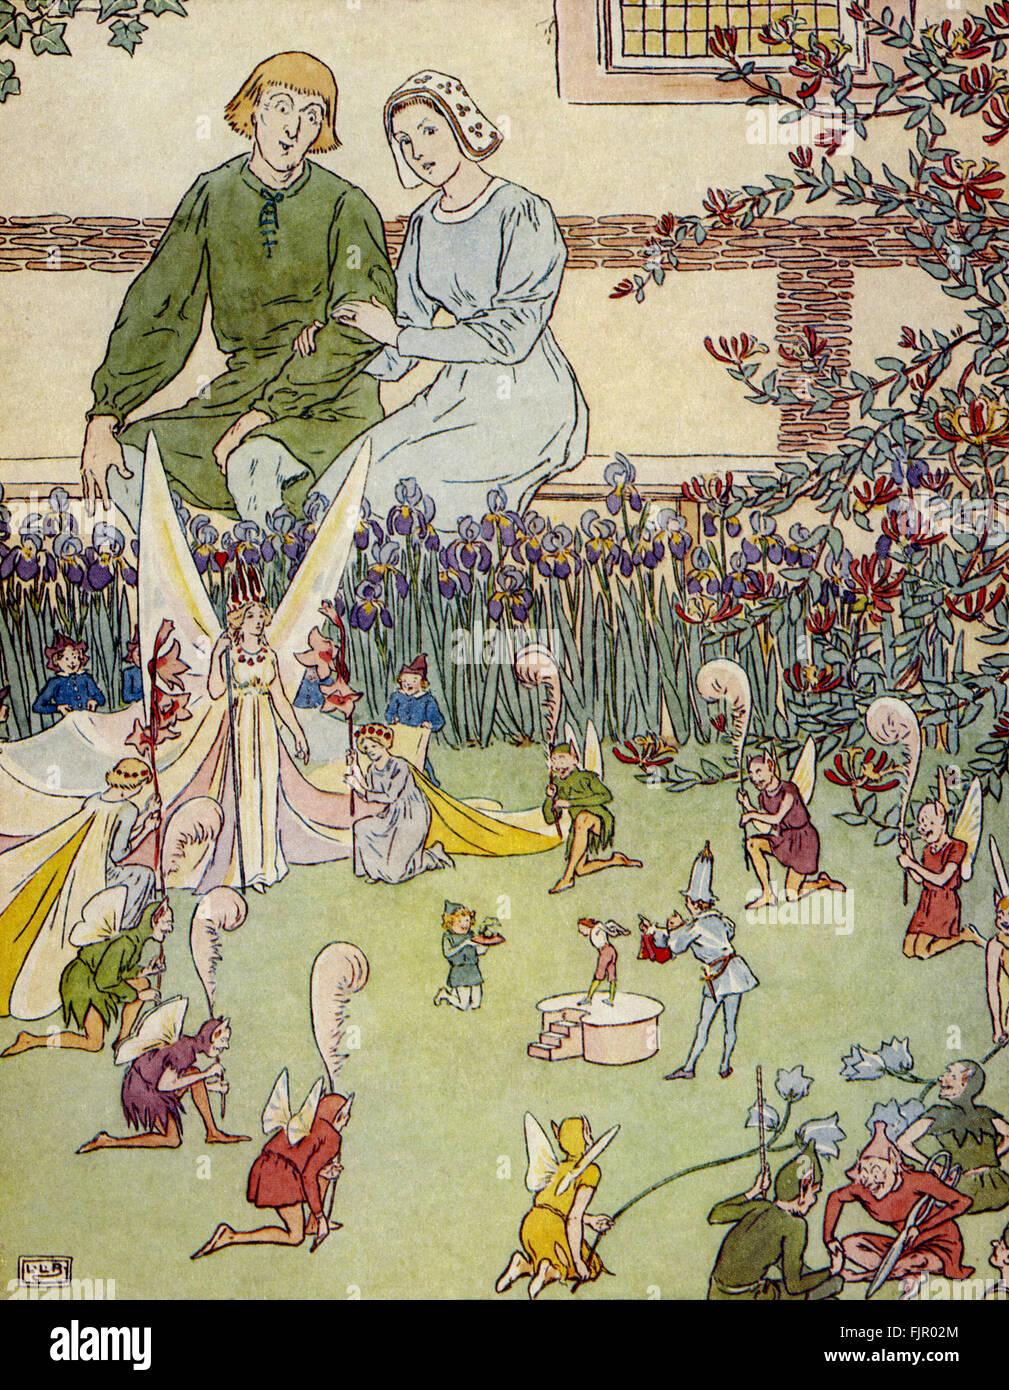 Tom Pouce, la reine des fées et les lutins de donner des vêtements à Tom Pouce, de l'Oie d'Or Photo Stock